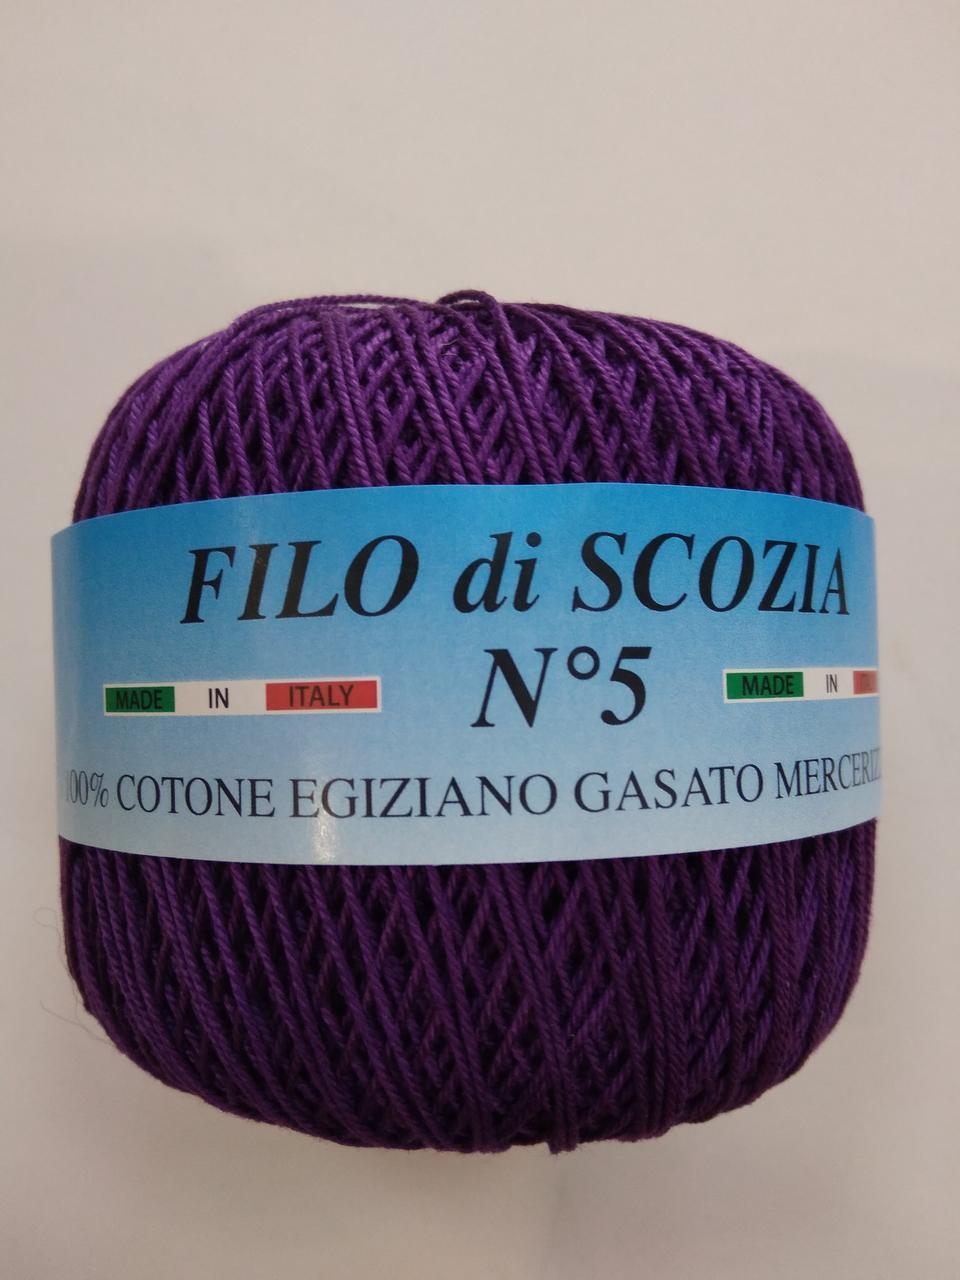 Пряжа Фило ди скозия №5 фиолетовый 123